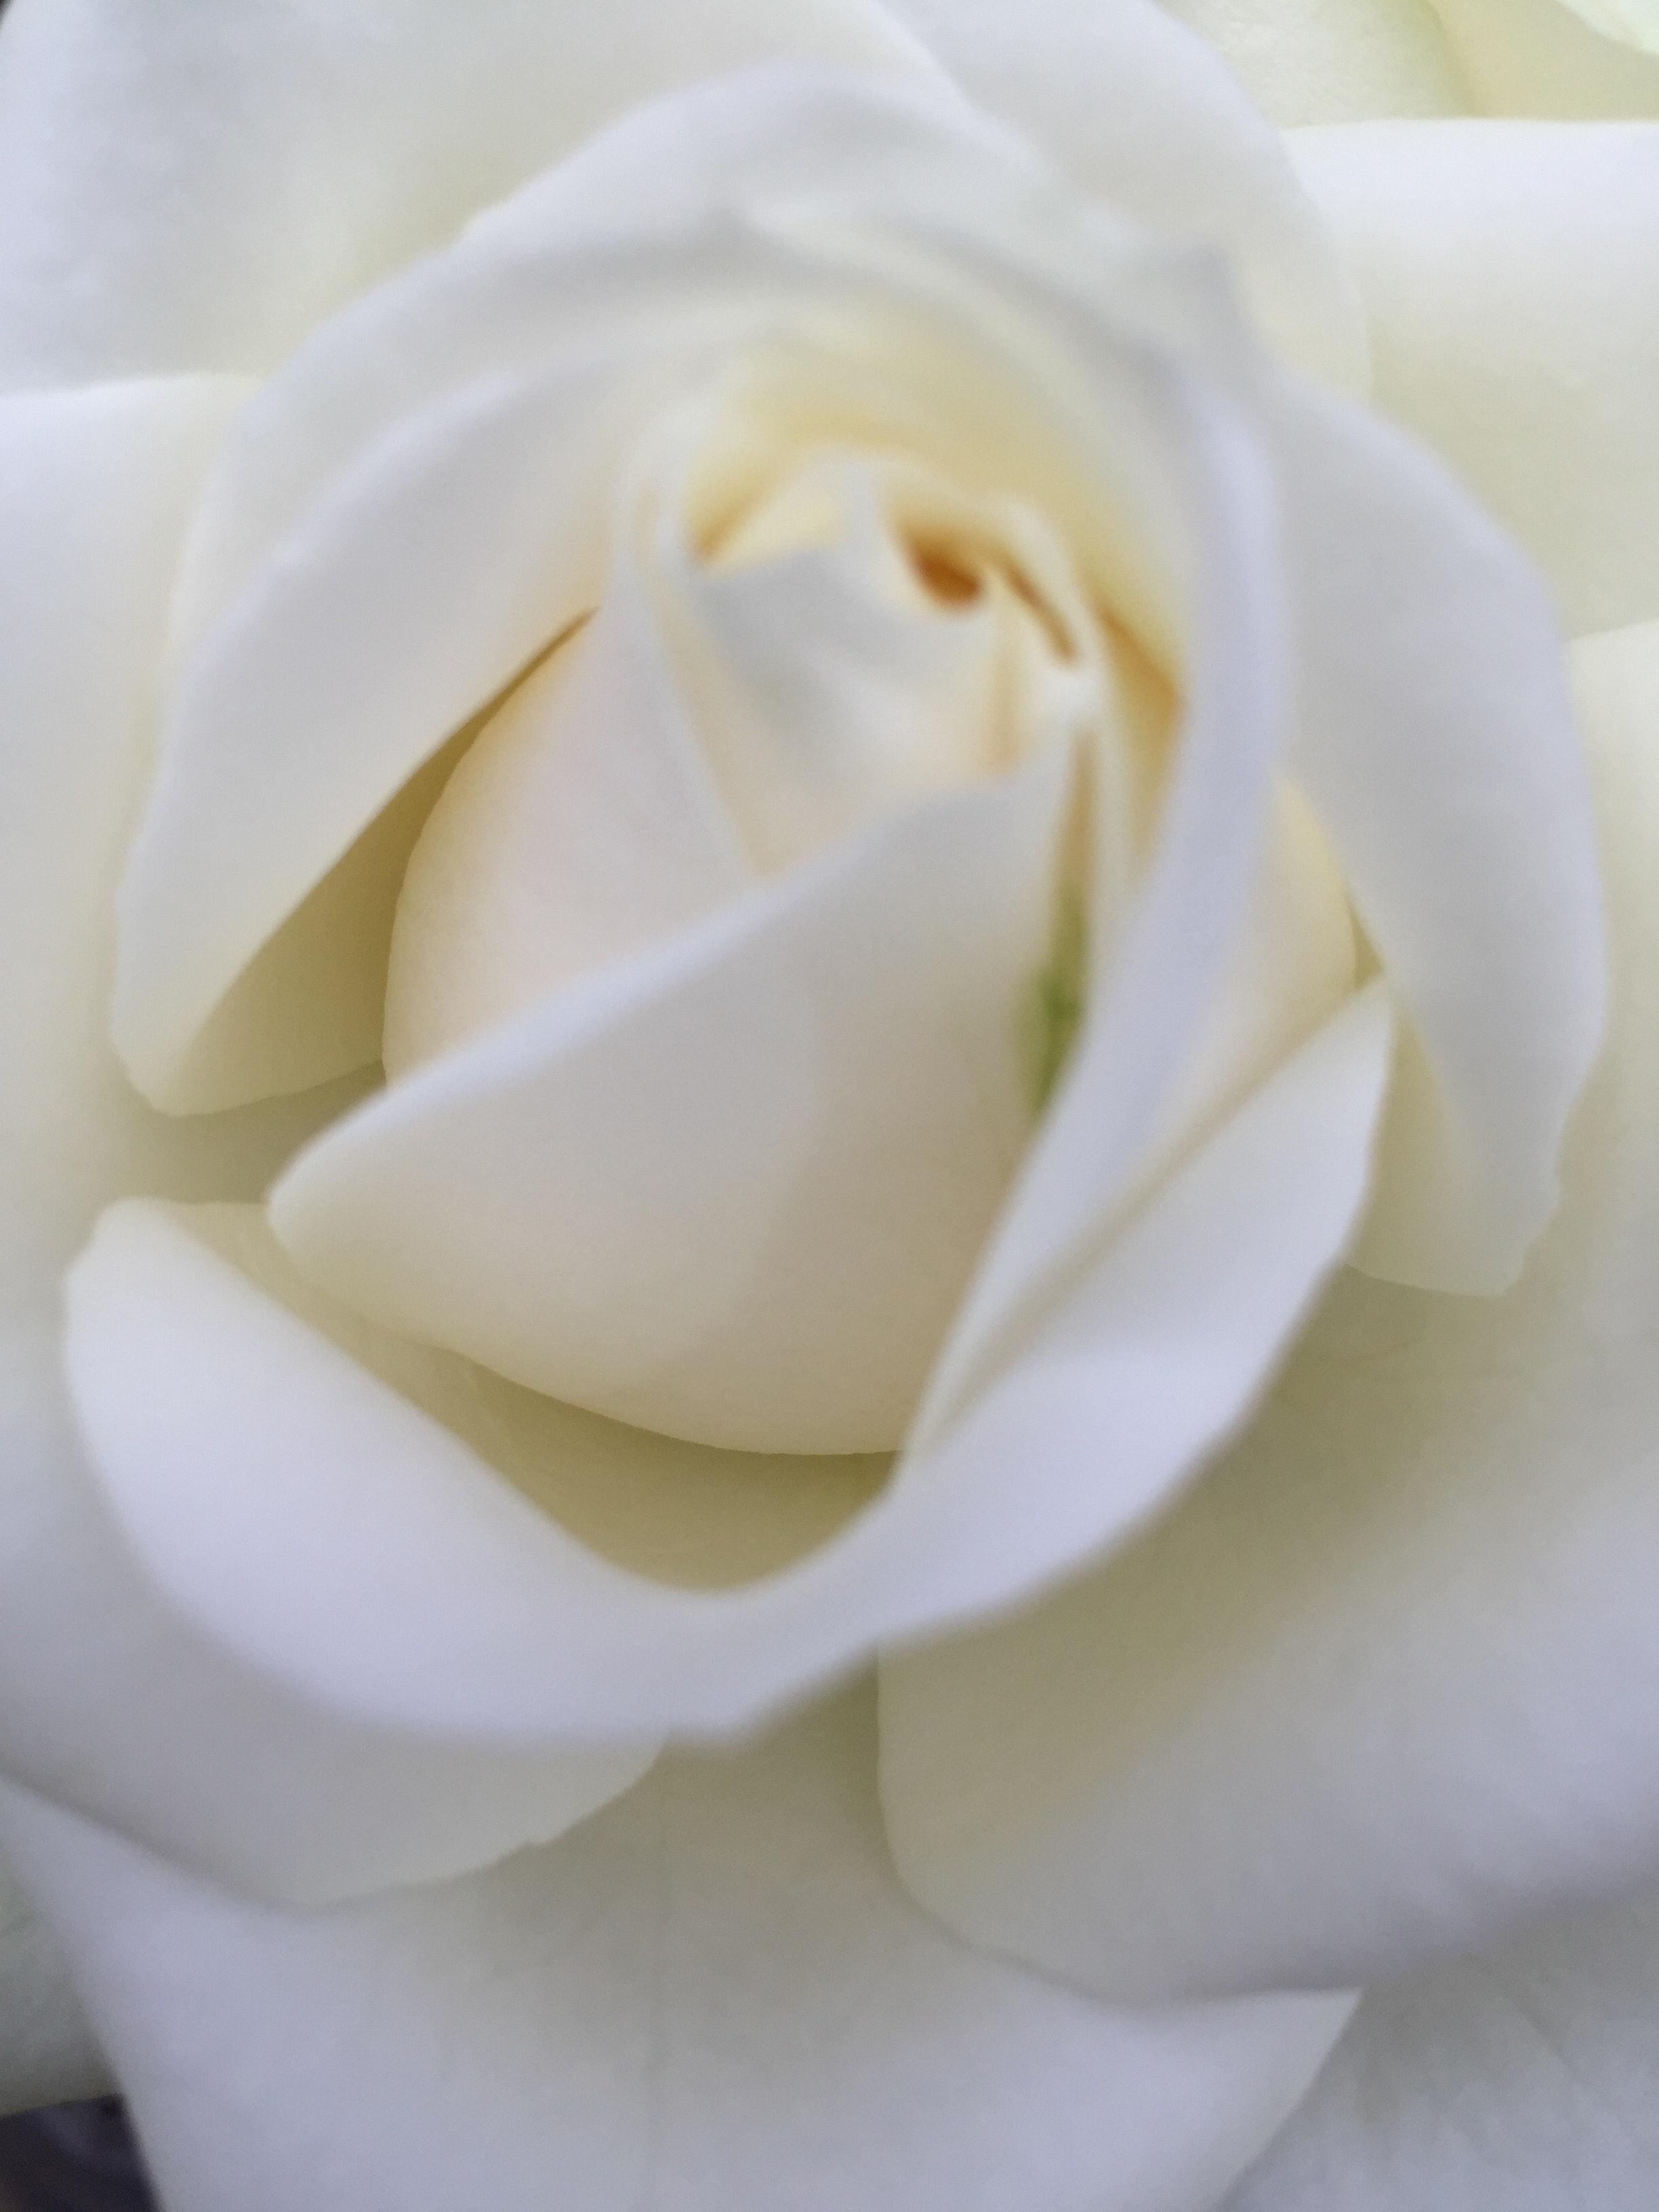 Ảnh sát cận cảnh hoa hồng trắng cực kỳ đẹp